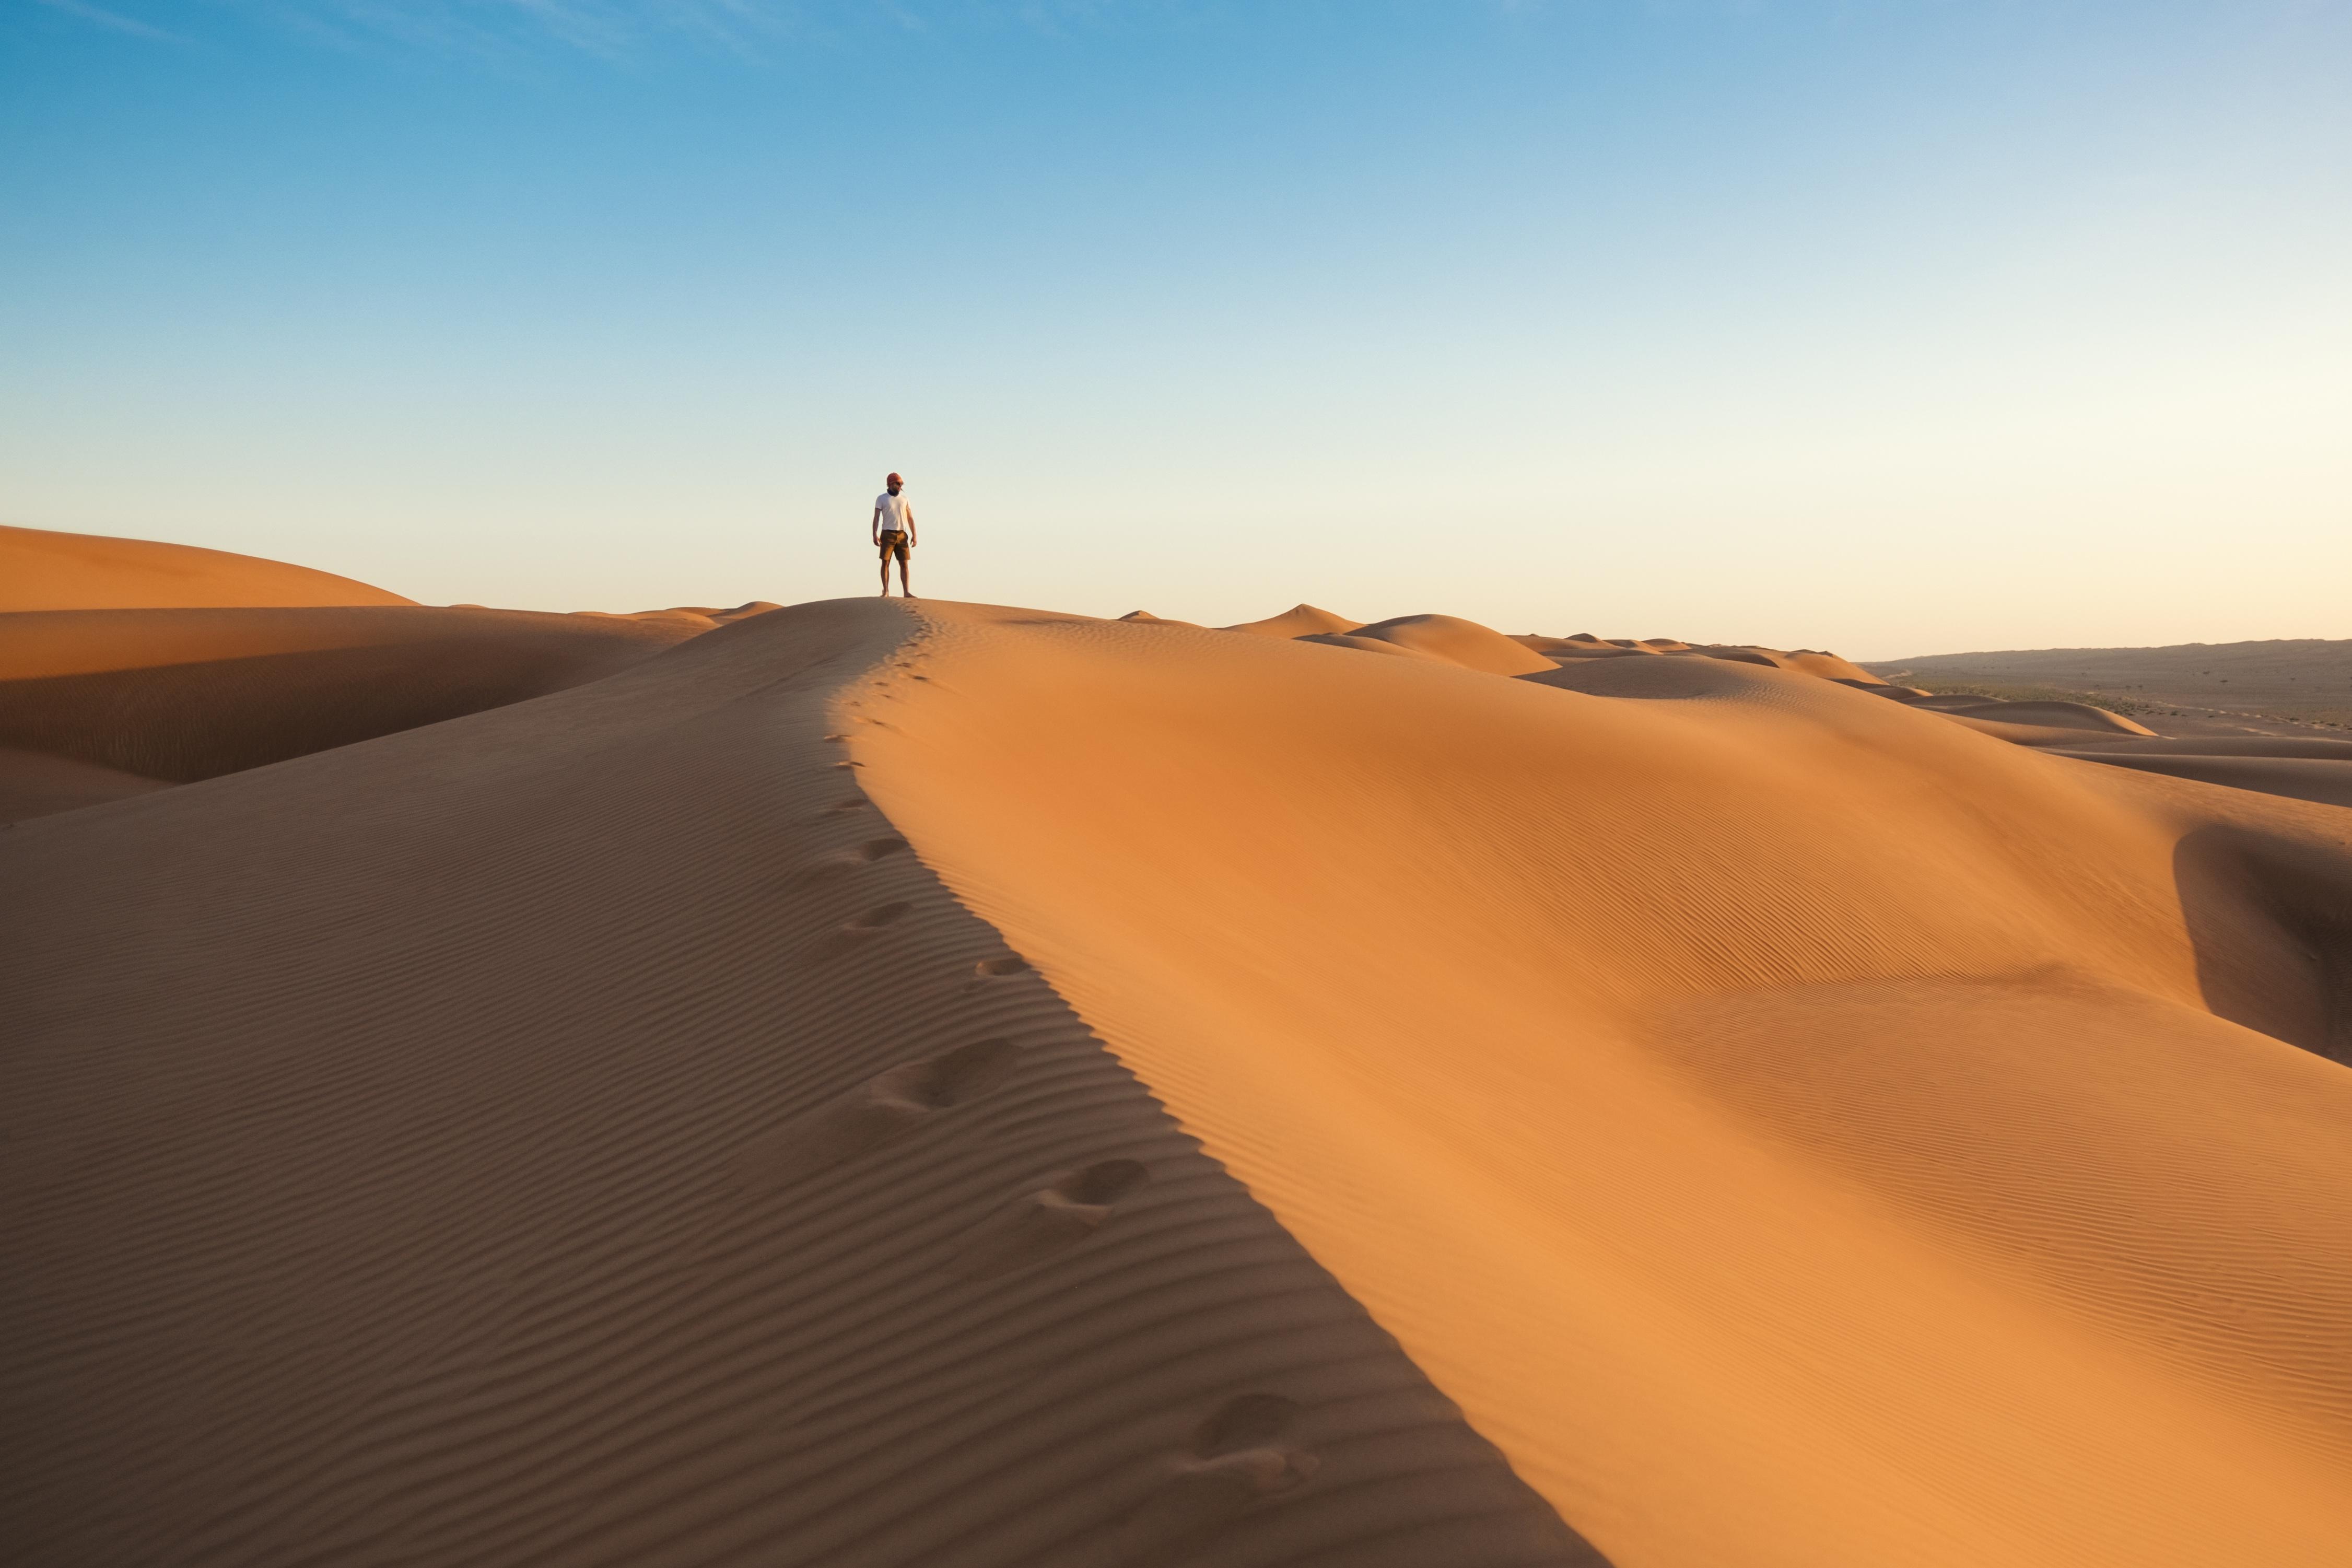 Alone in the vast Desert, Alone, Desert, Hot, Landscape, HQ Photo